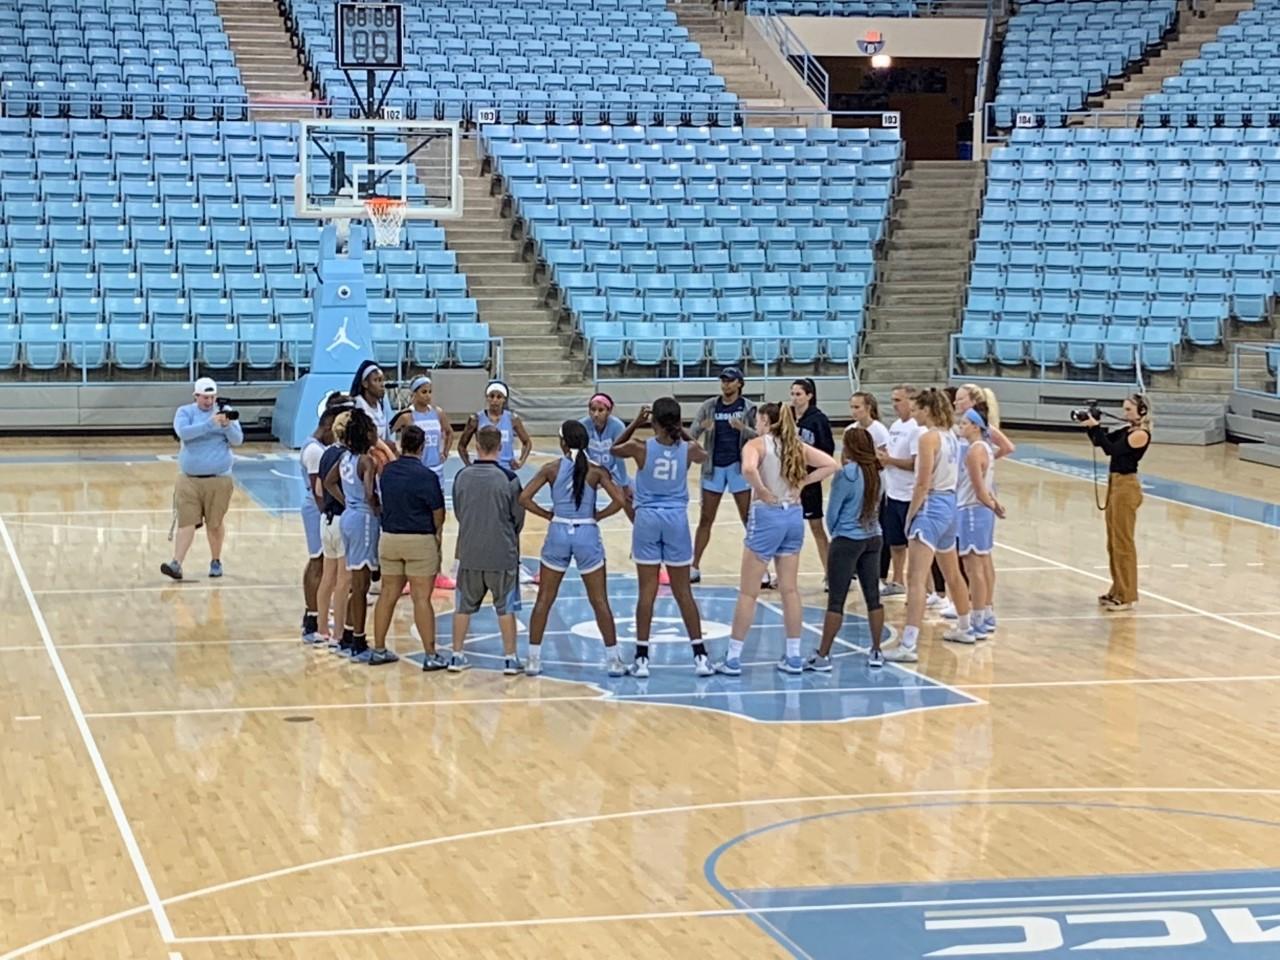 UNC Women's BBall Begins Practice, Banghart Settles In to New School - Chapelboro.com